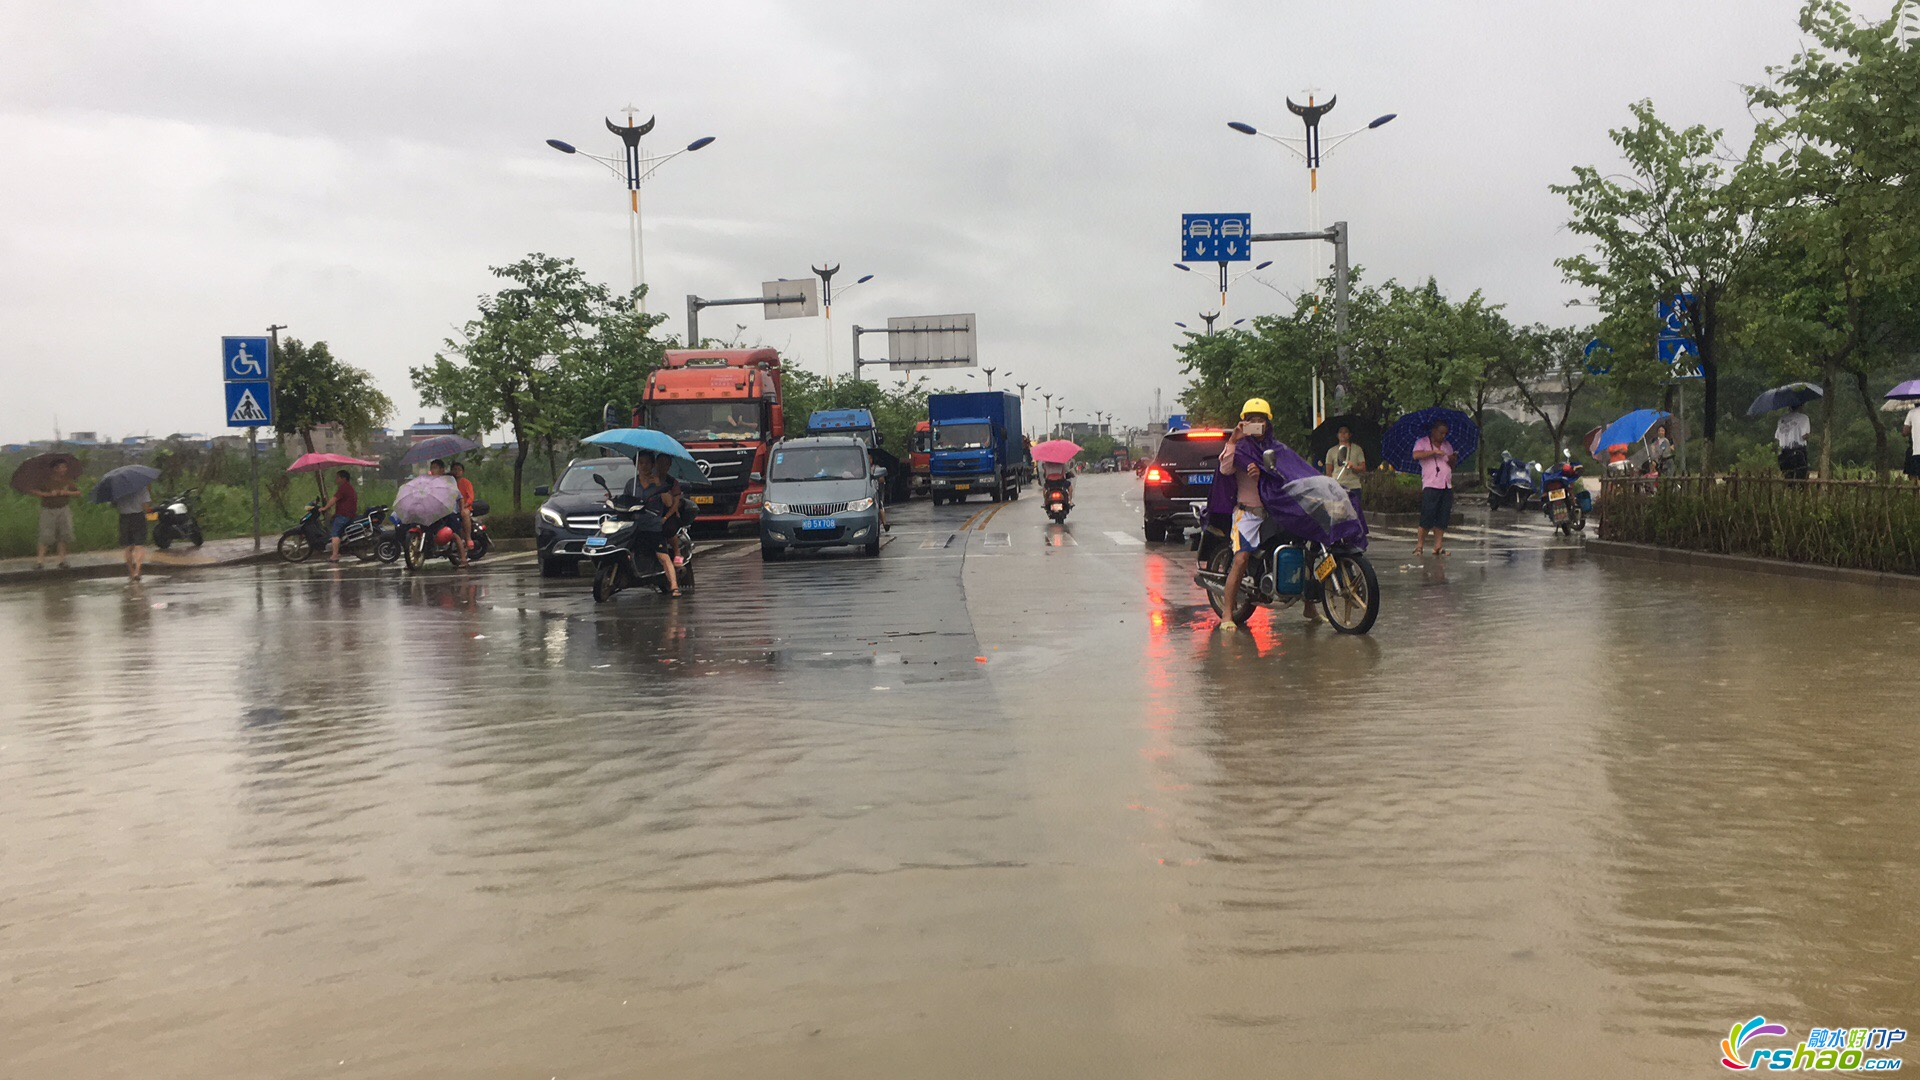 融水人口多少_融水苗族自治县